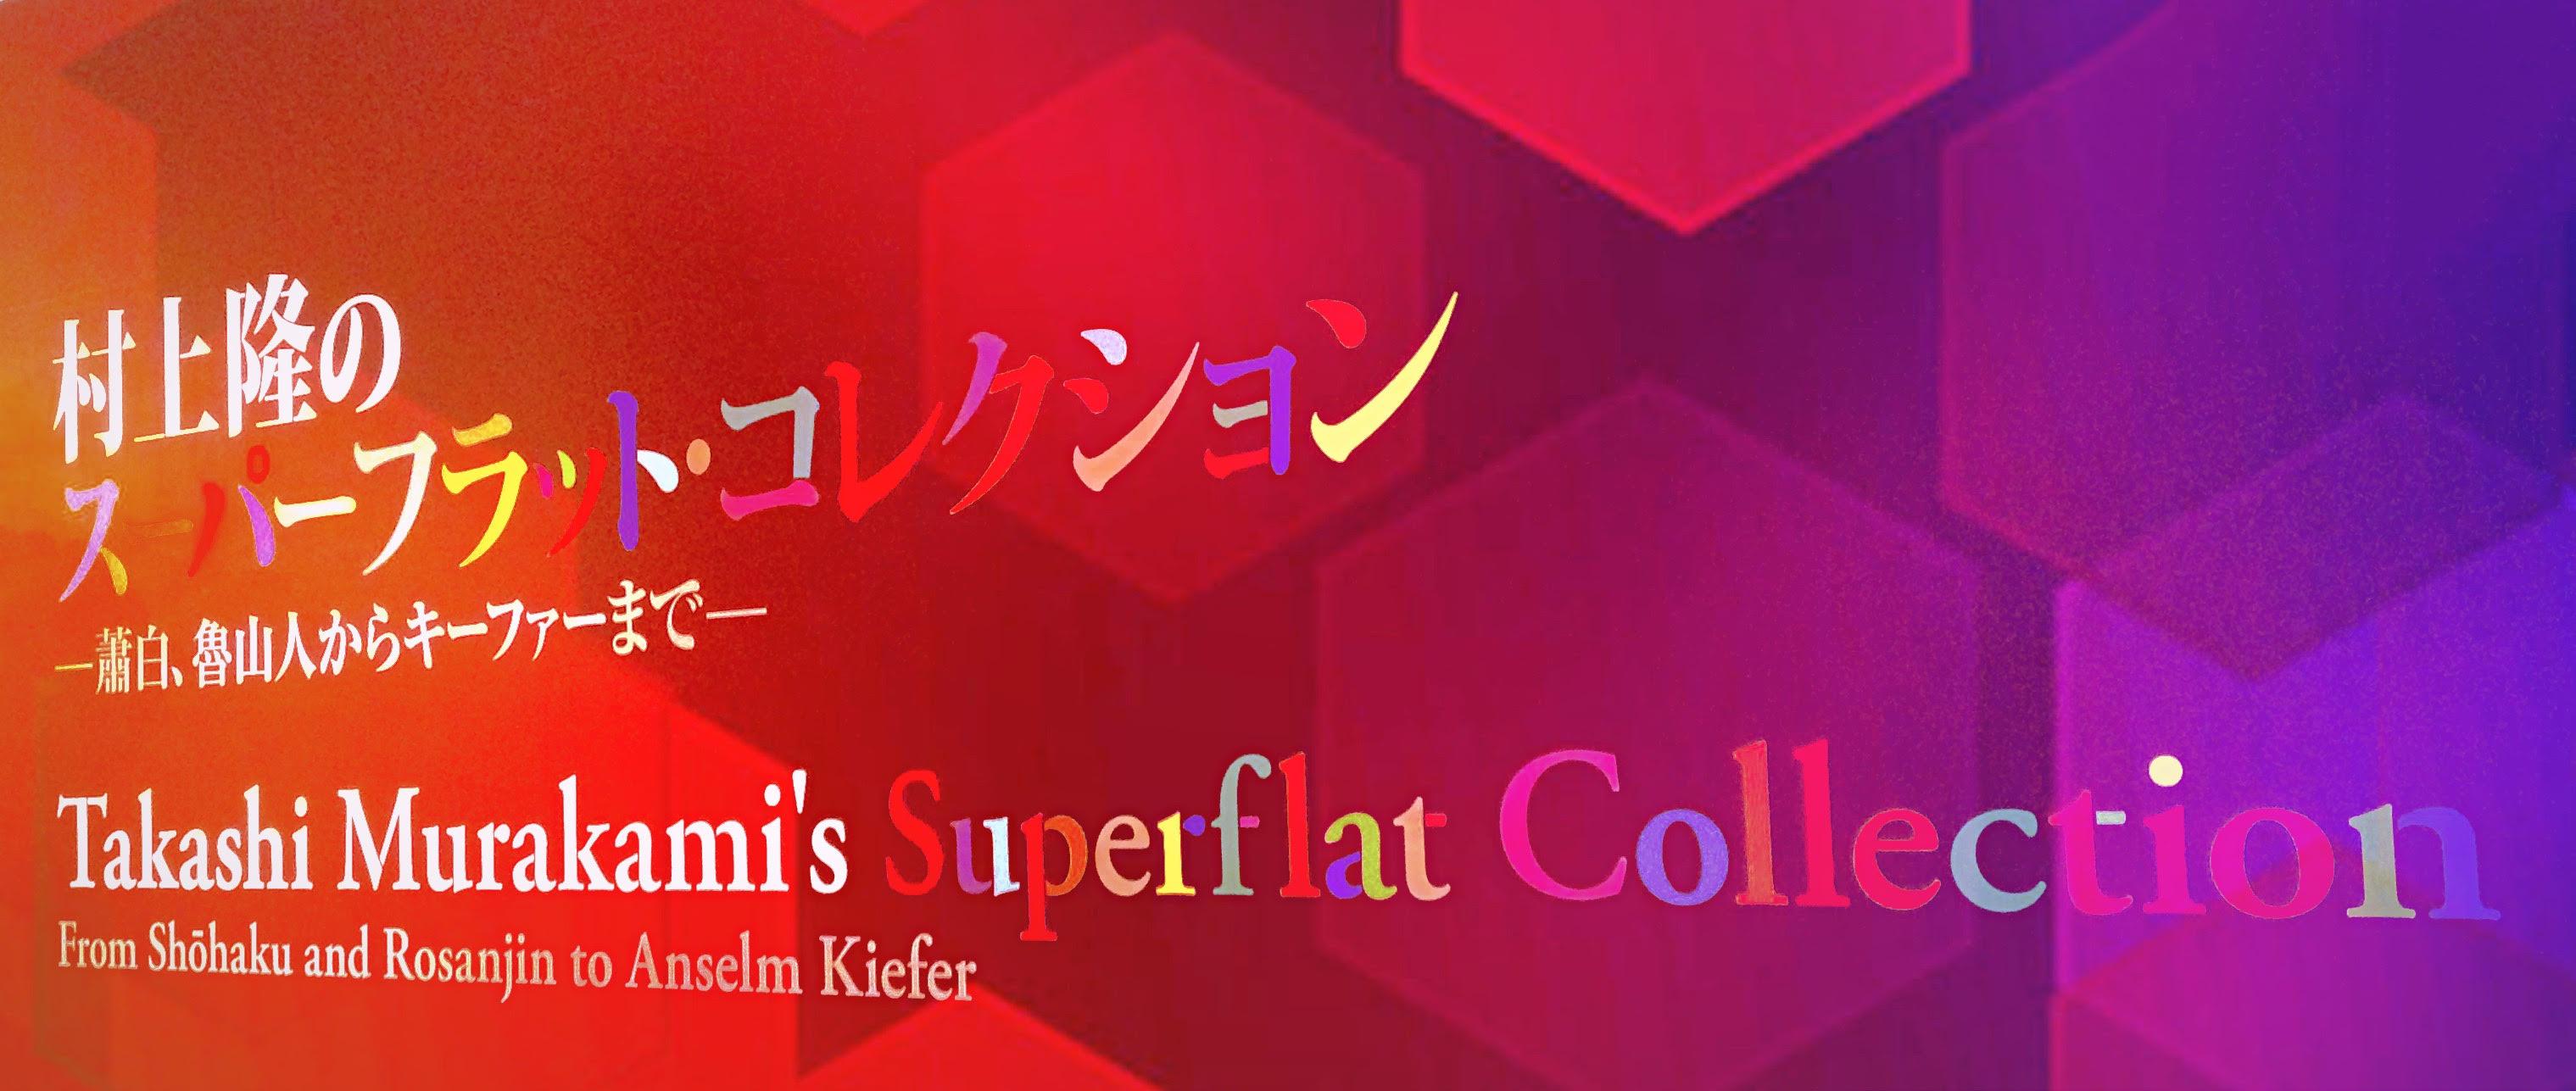 世界初の大規模公開! 『村上隆のスーパーフラット・コレクション ー蕭白、魯山人からキーファーまでー